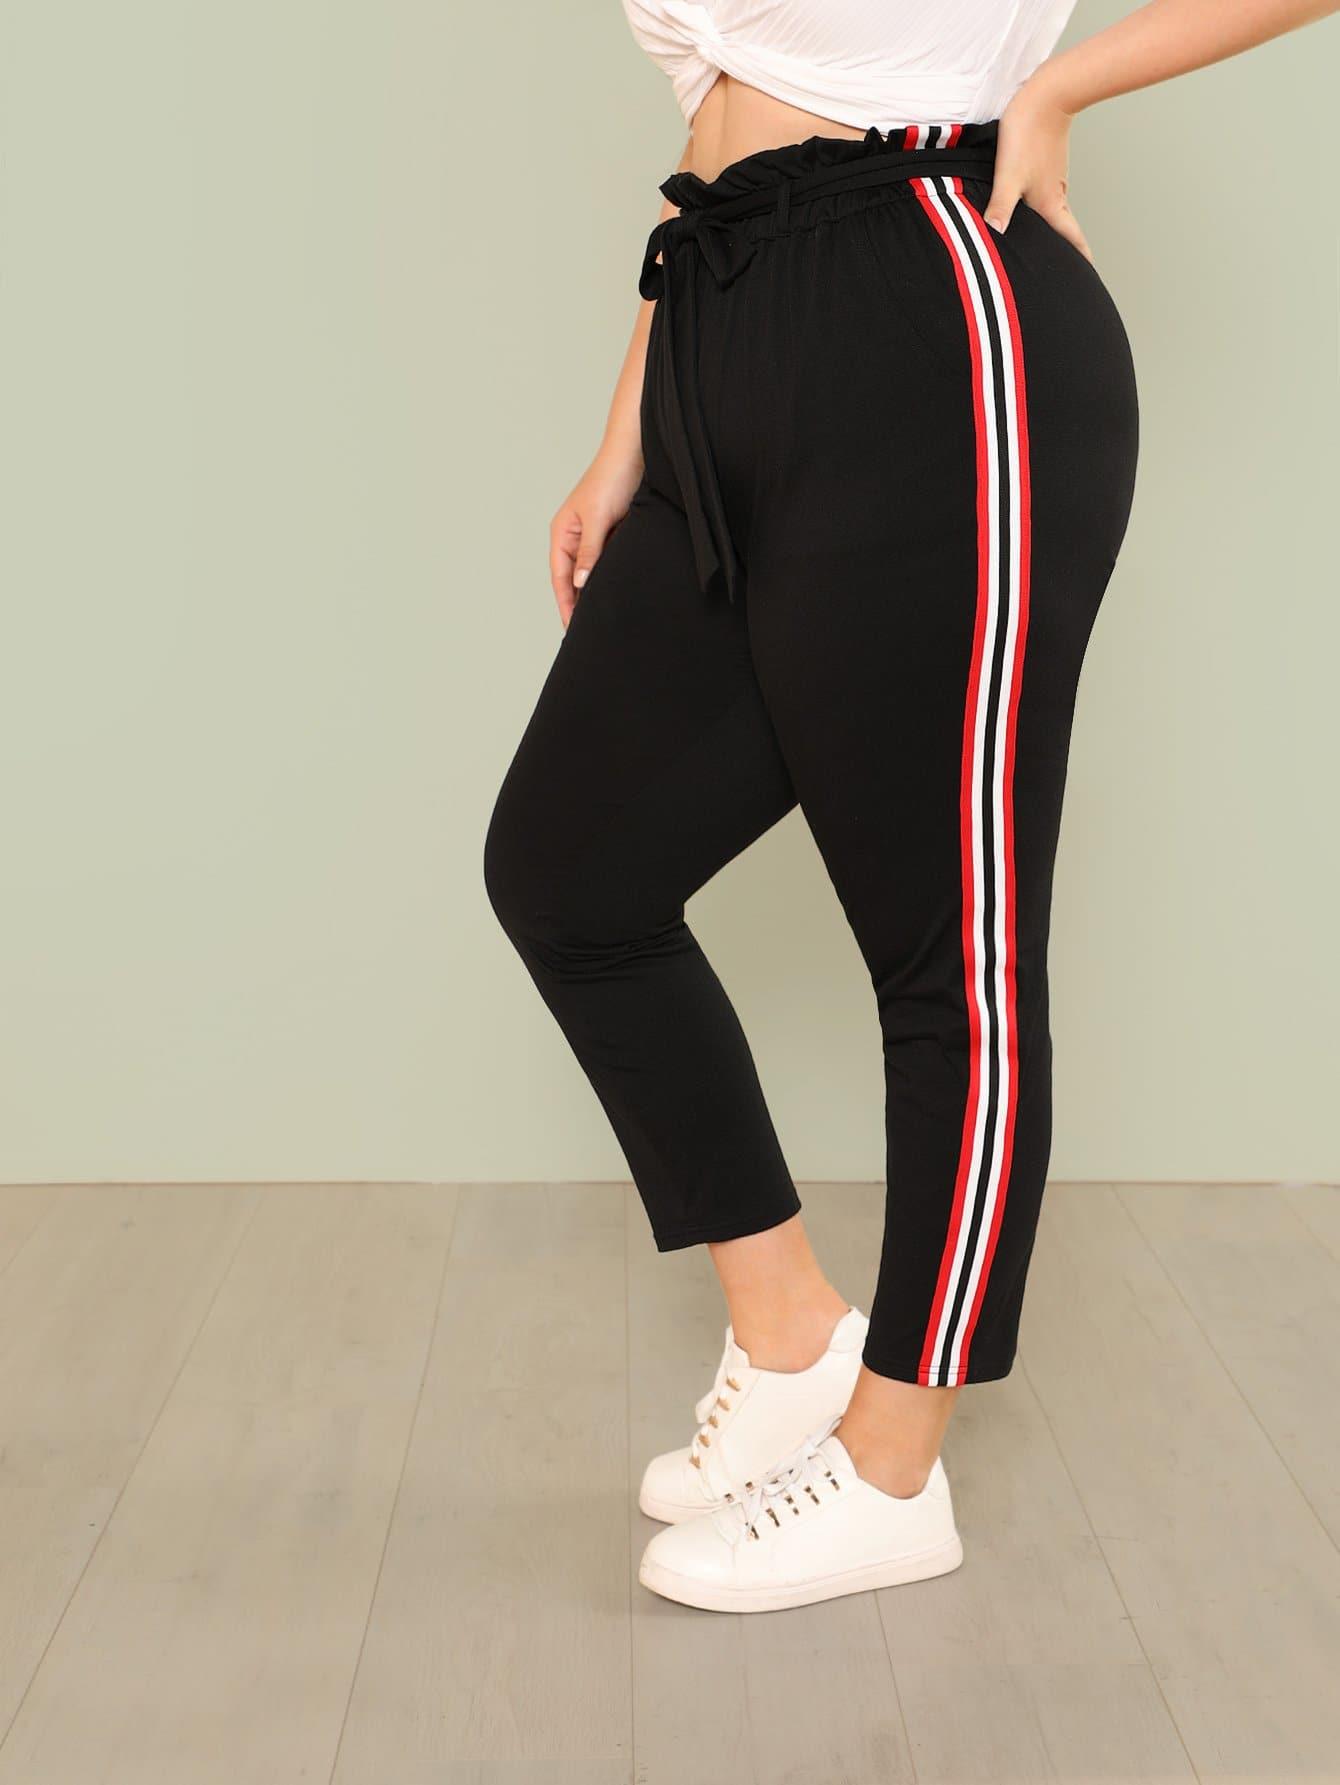 Tie Waist Striped Tape Side Sweatpants striped tape side cuffed pants